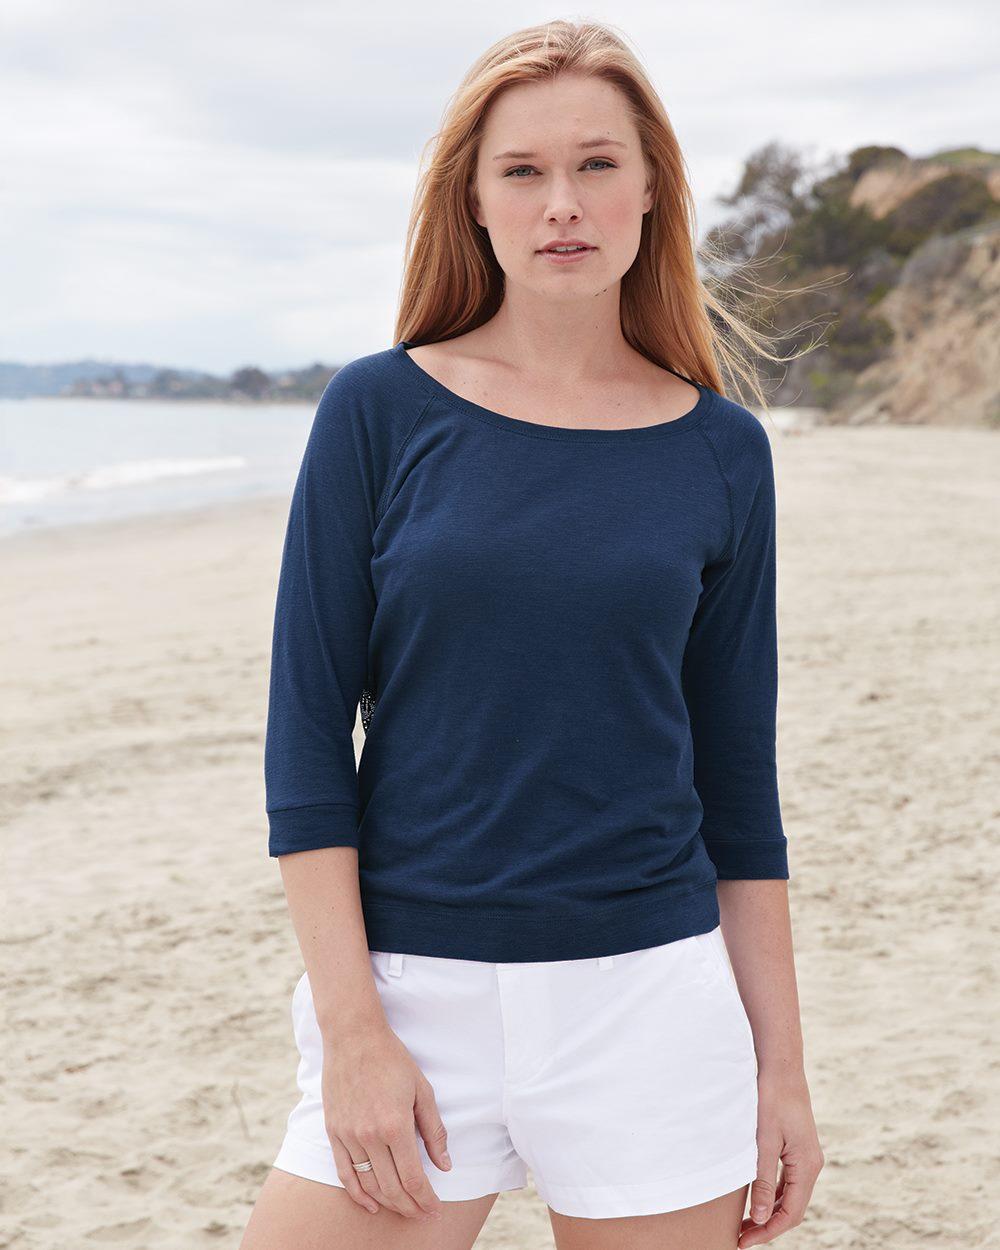 MV Sport - Women's Katherine Crochet Back T-Shirt -.jpg